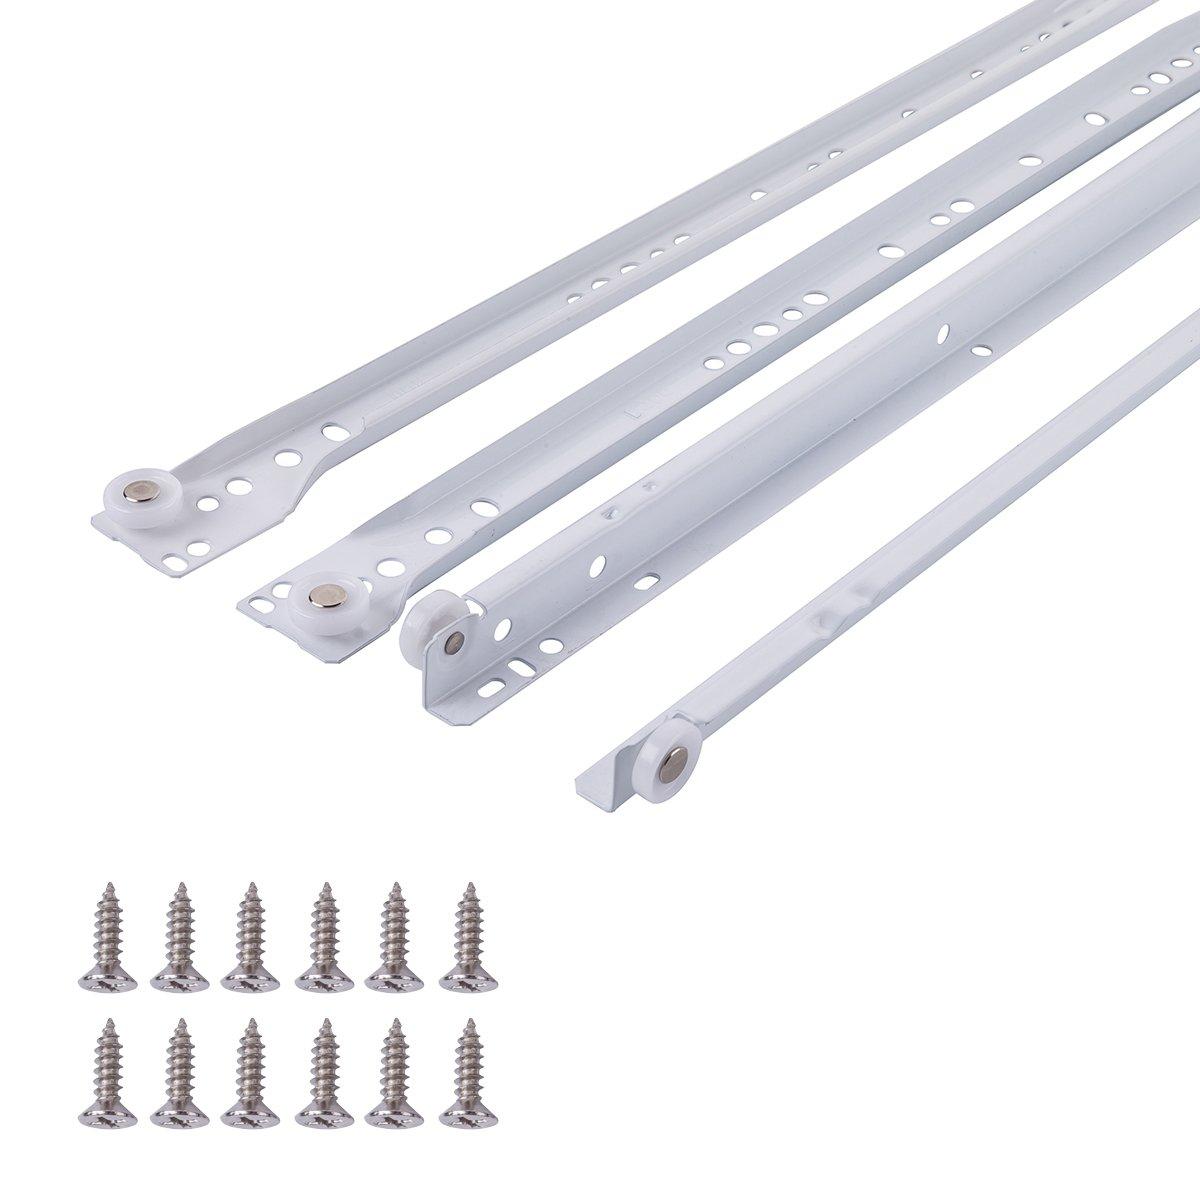 45,72 cm pintura en polvo blanca AB5011-R18-10 Correderas de cajones Basics